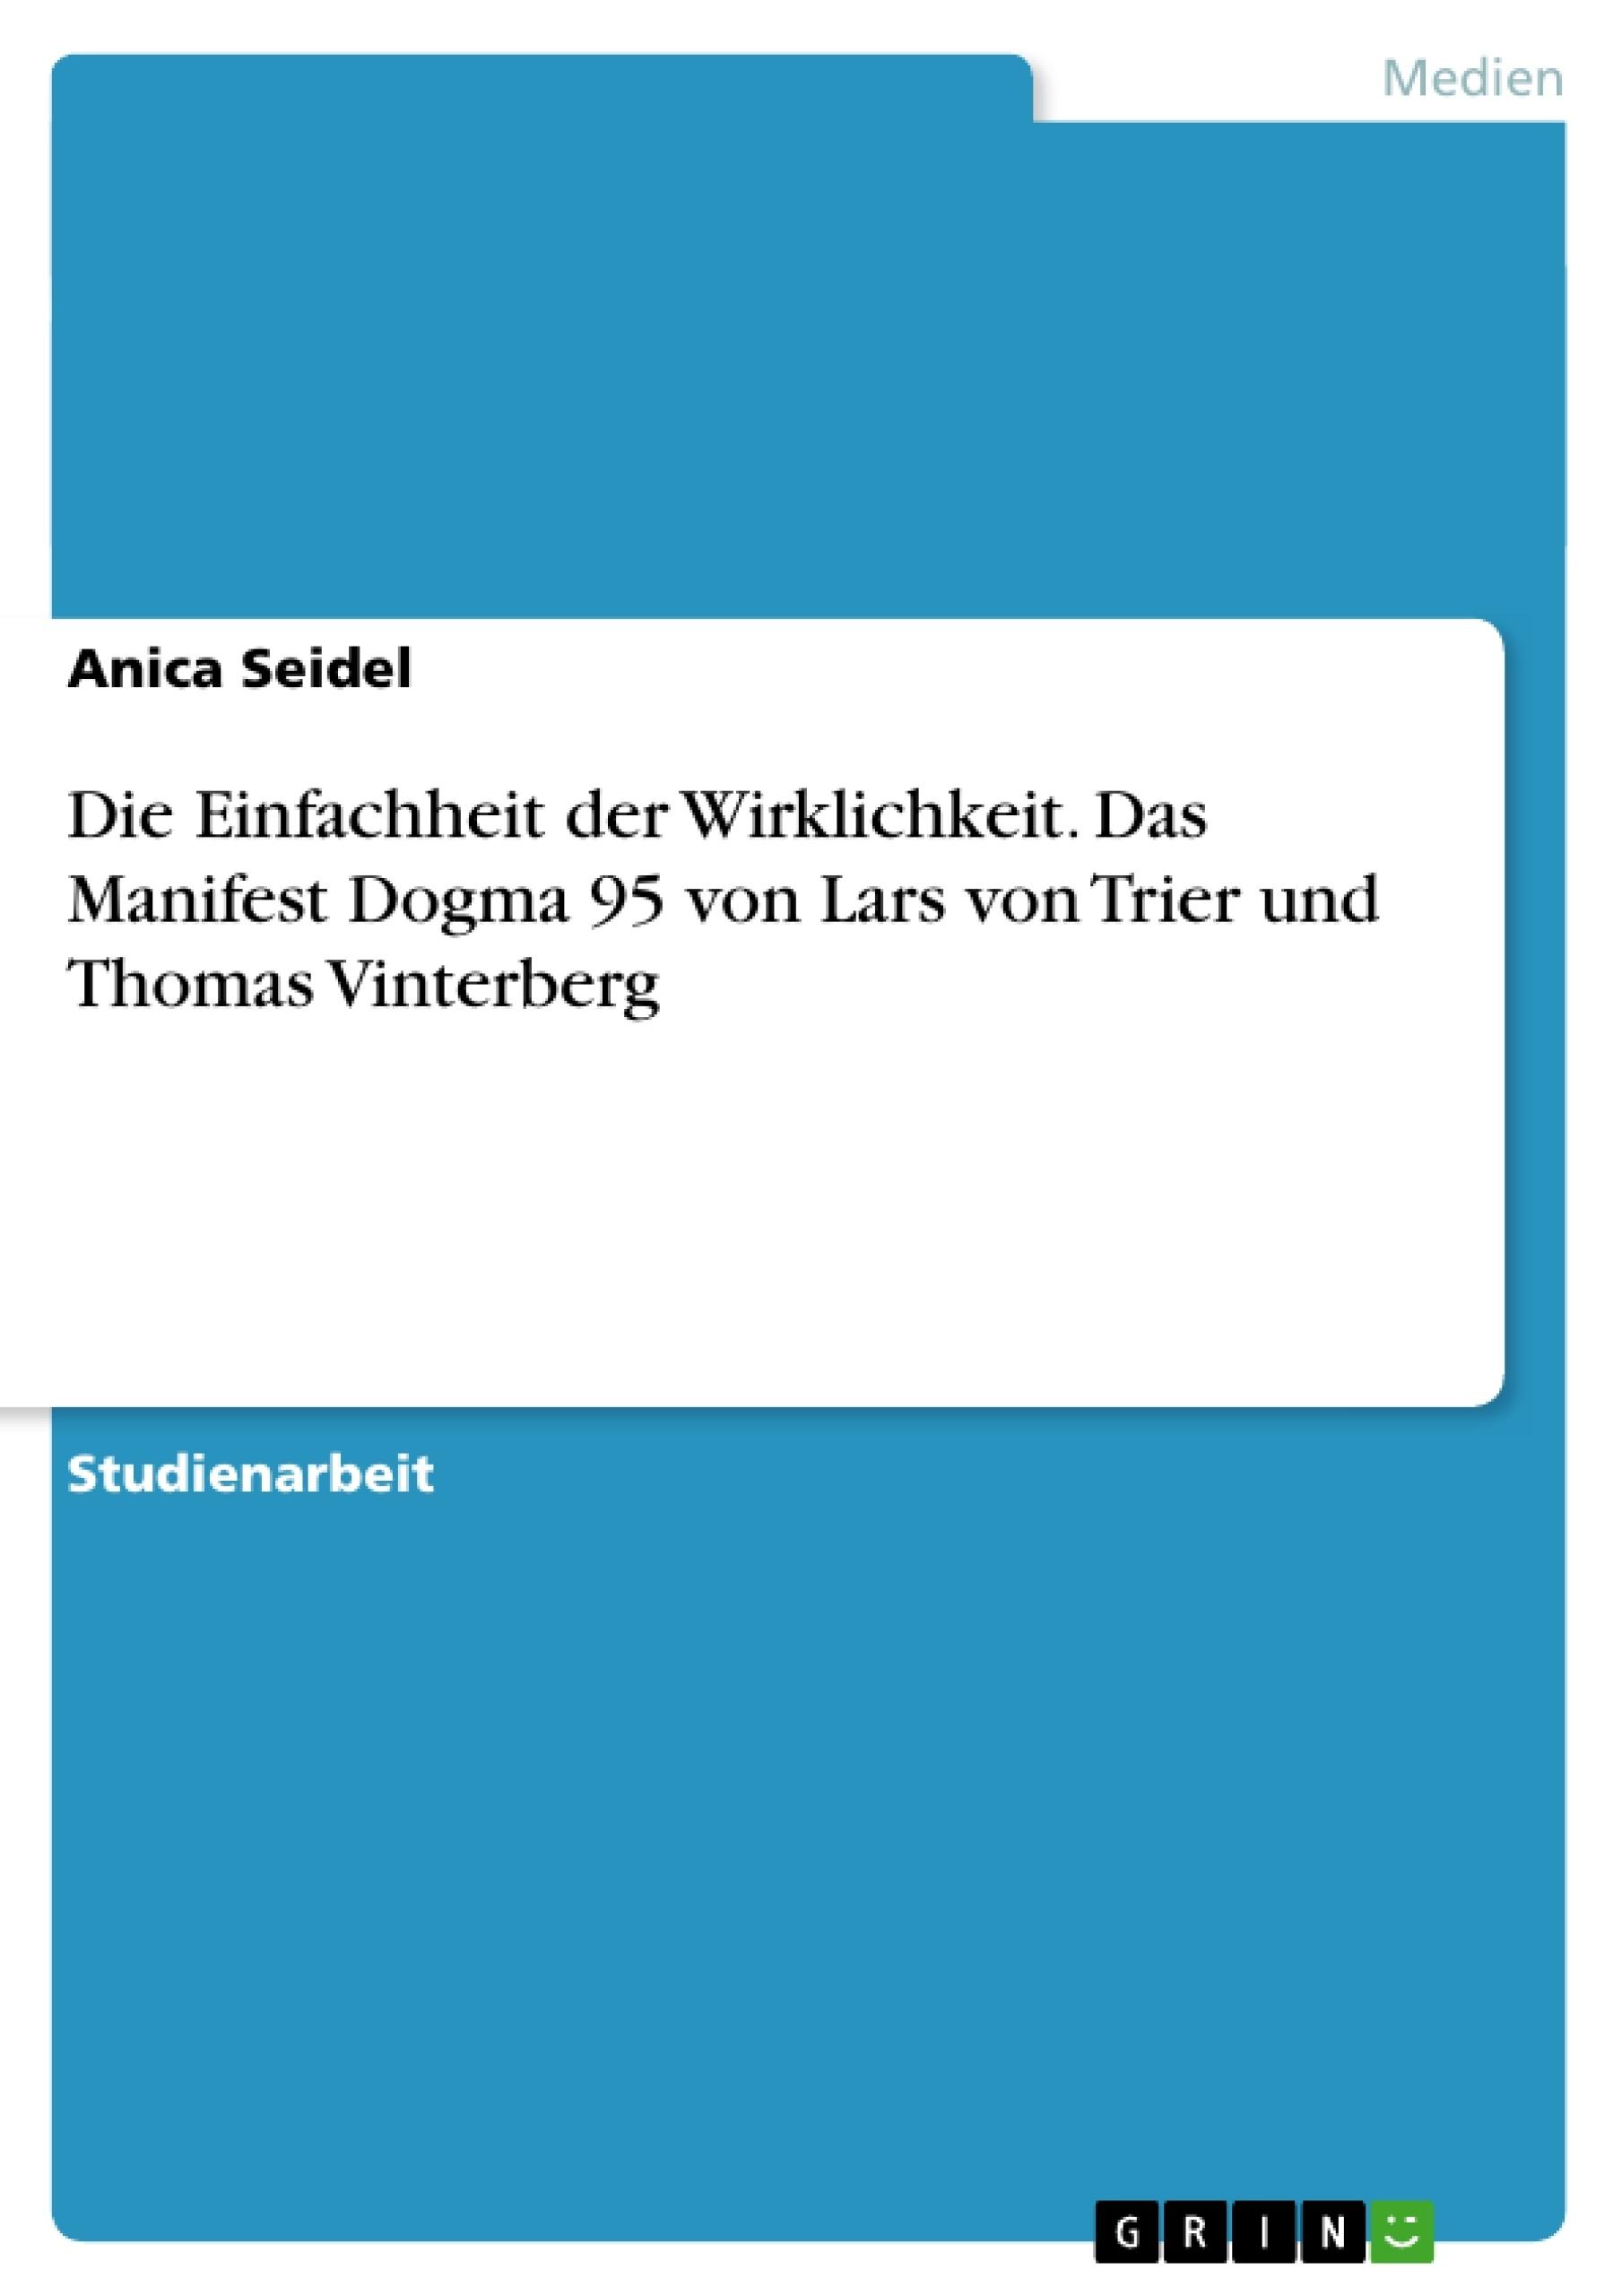 Titel: Die Einfachheit der Wirklichkeit. Das Manifest Dogma 95 von Lars von Trier und Thomas Vinterberg